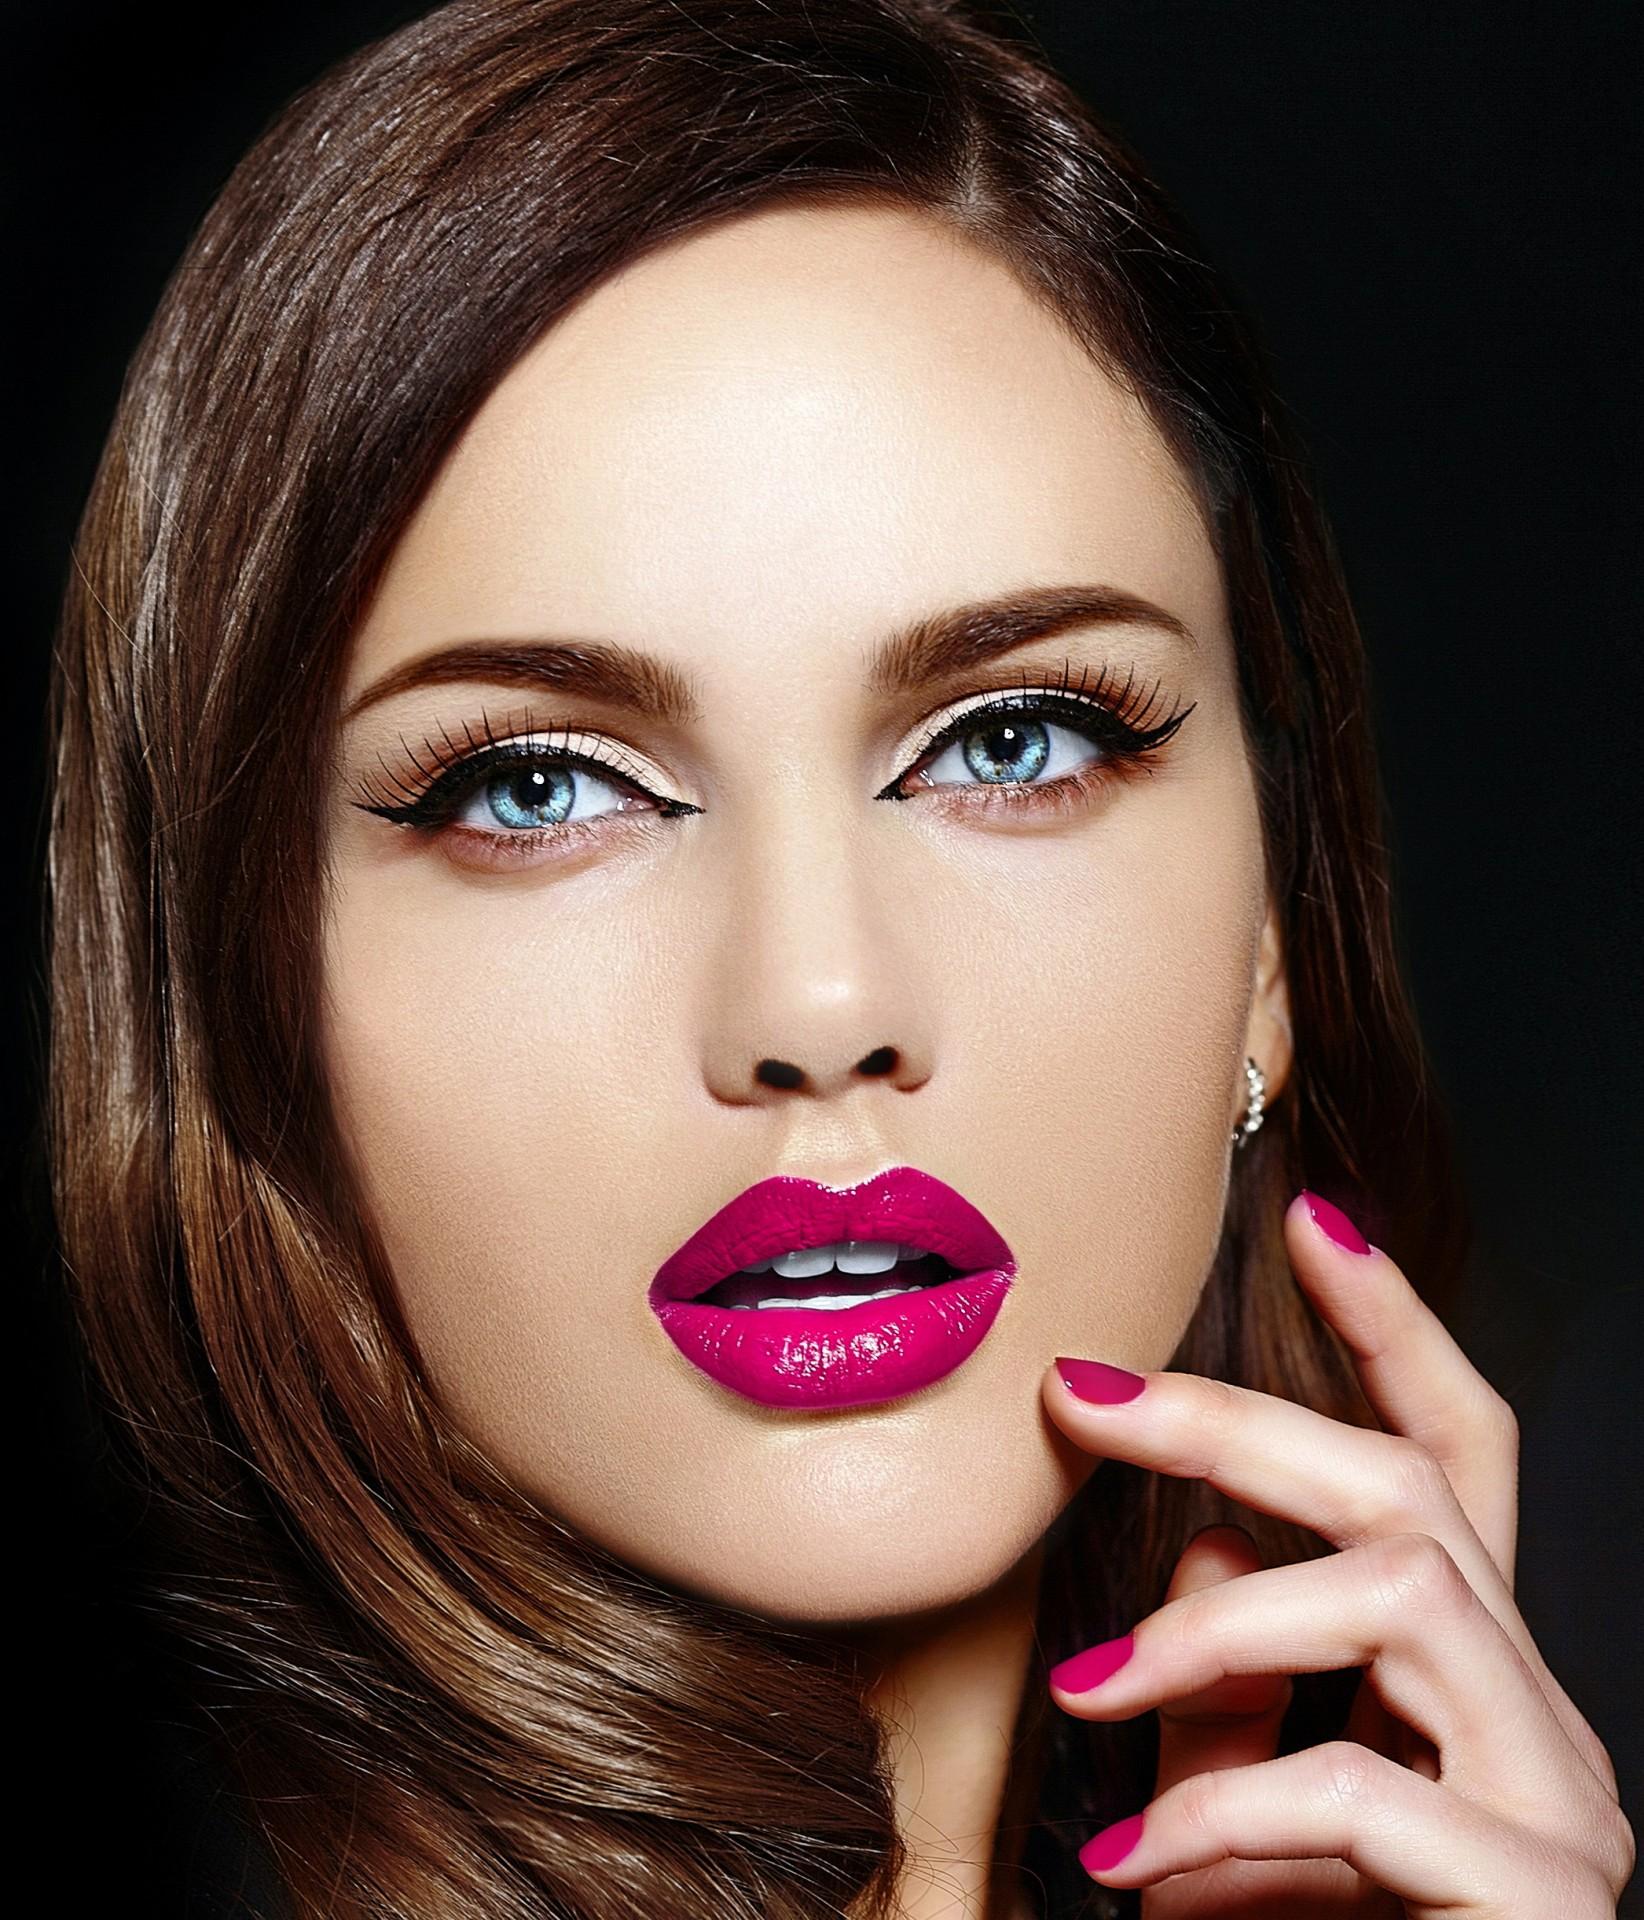 Majenta lips are super alluring this season